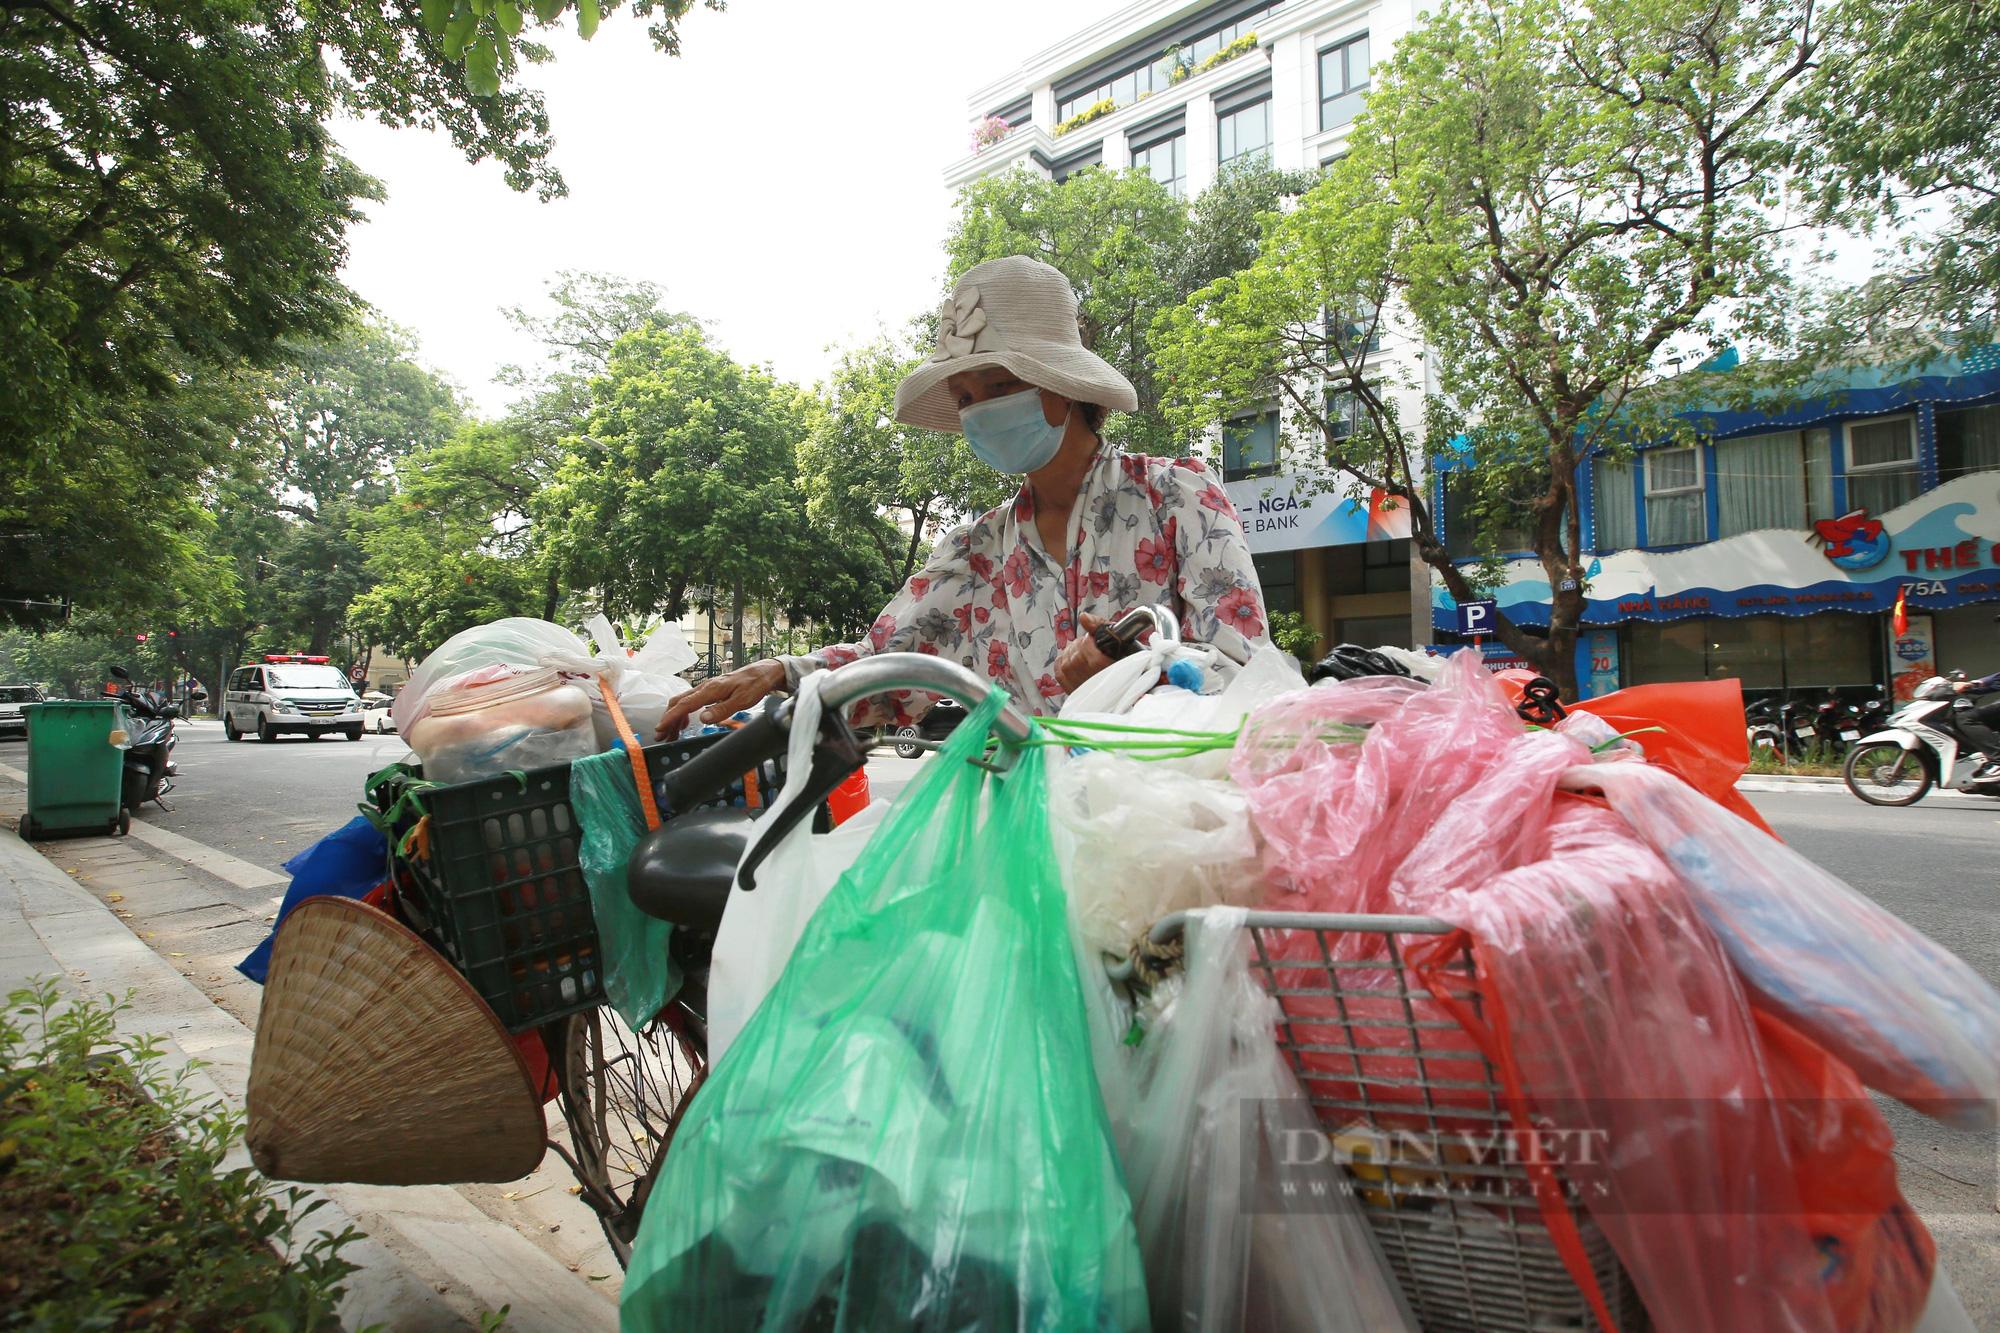 Ấm lòng tủ mì tôm, nước lọc miễn phí cho người khó khăn bên hè phố Hà Nội - Ảnh 6.